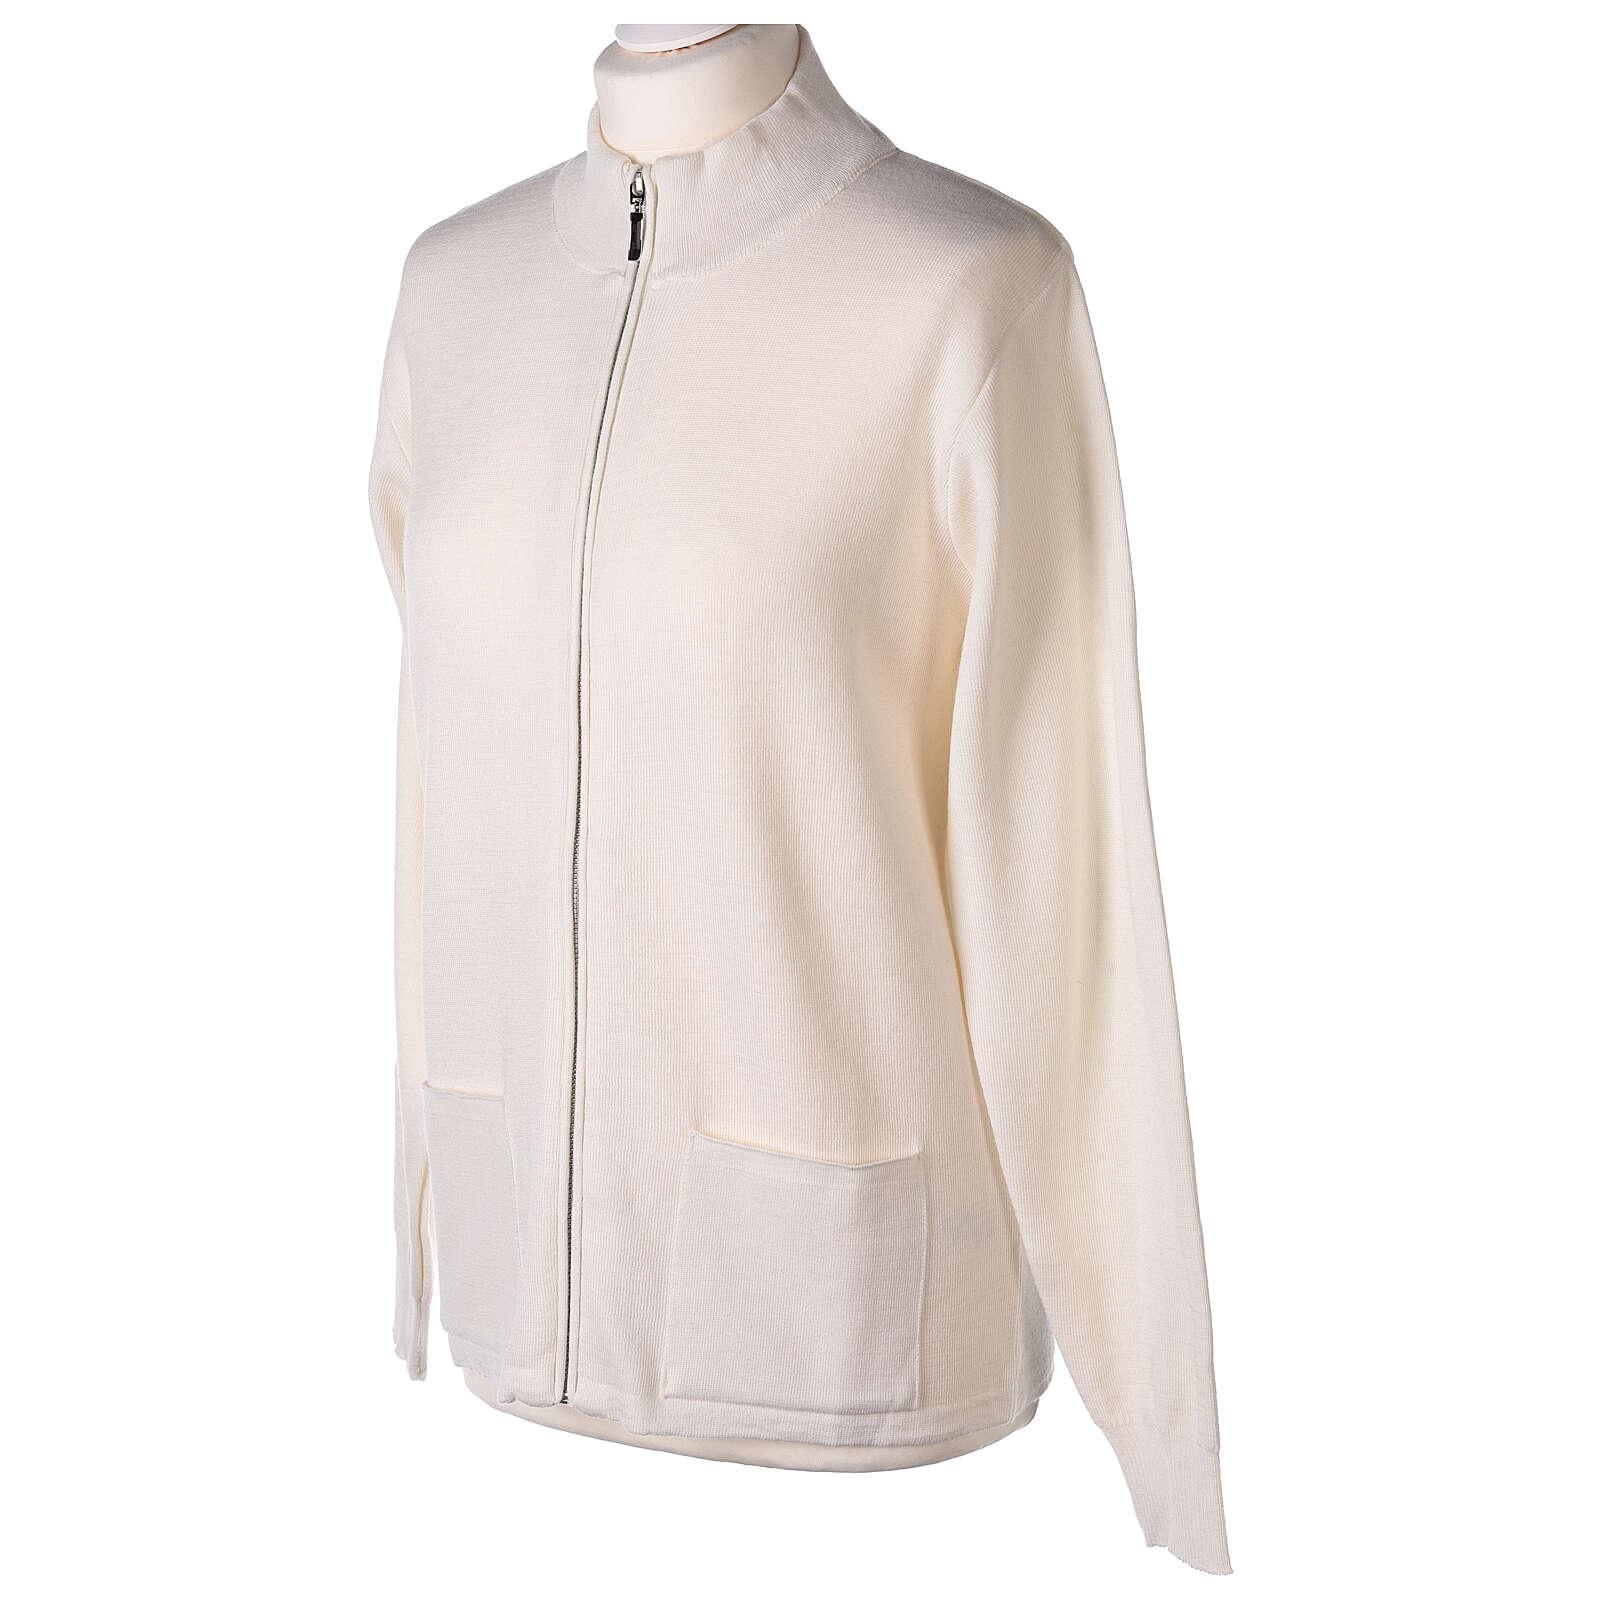 Cardigan col montant avec fermeture éclair 50% acrylique 50% laine mérinos blanc soeur In Primis 4